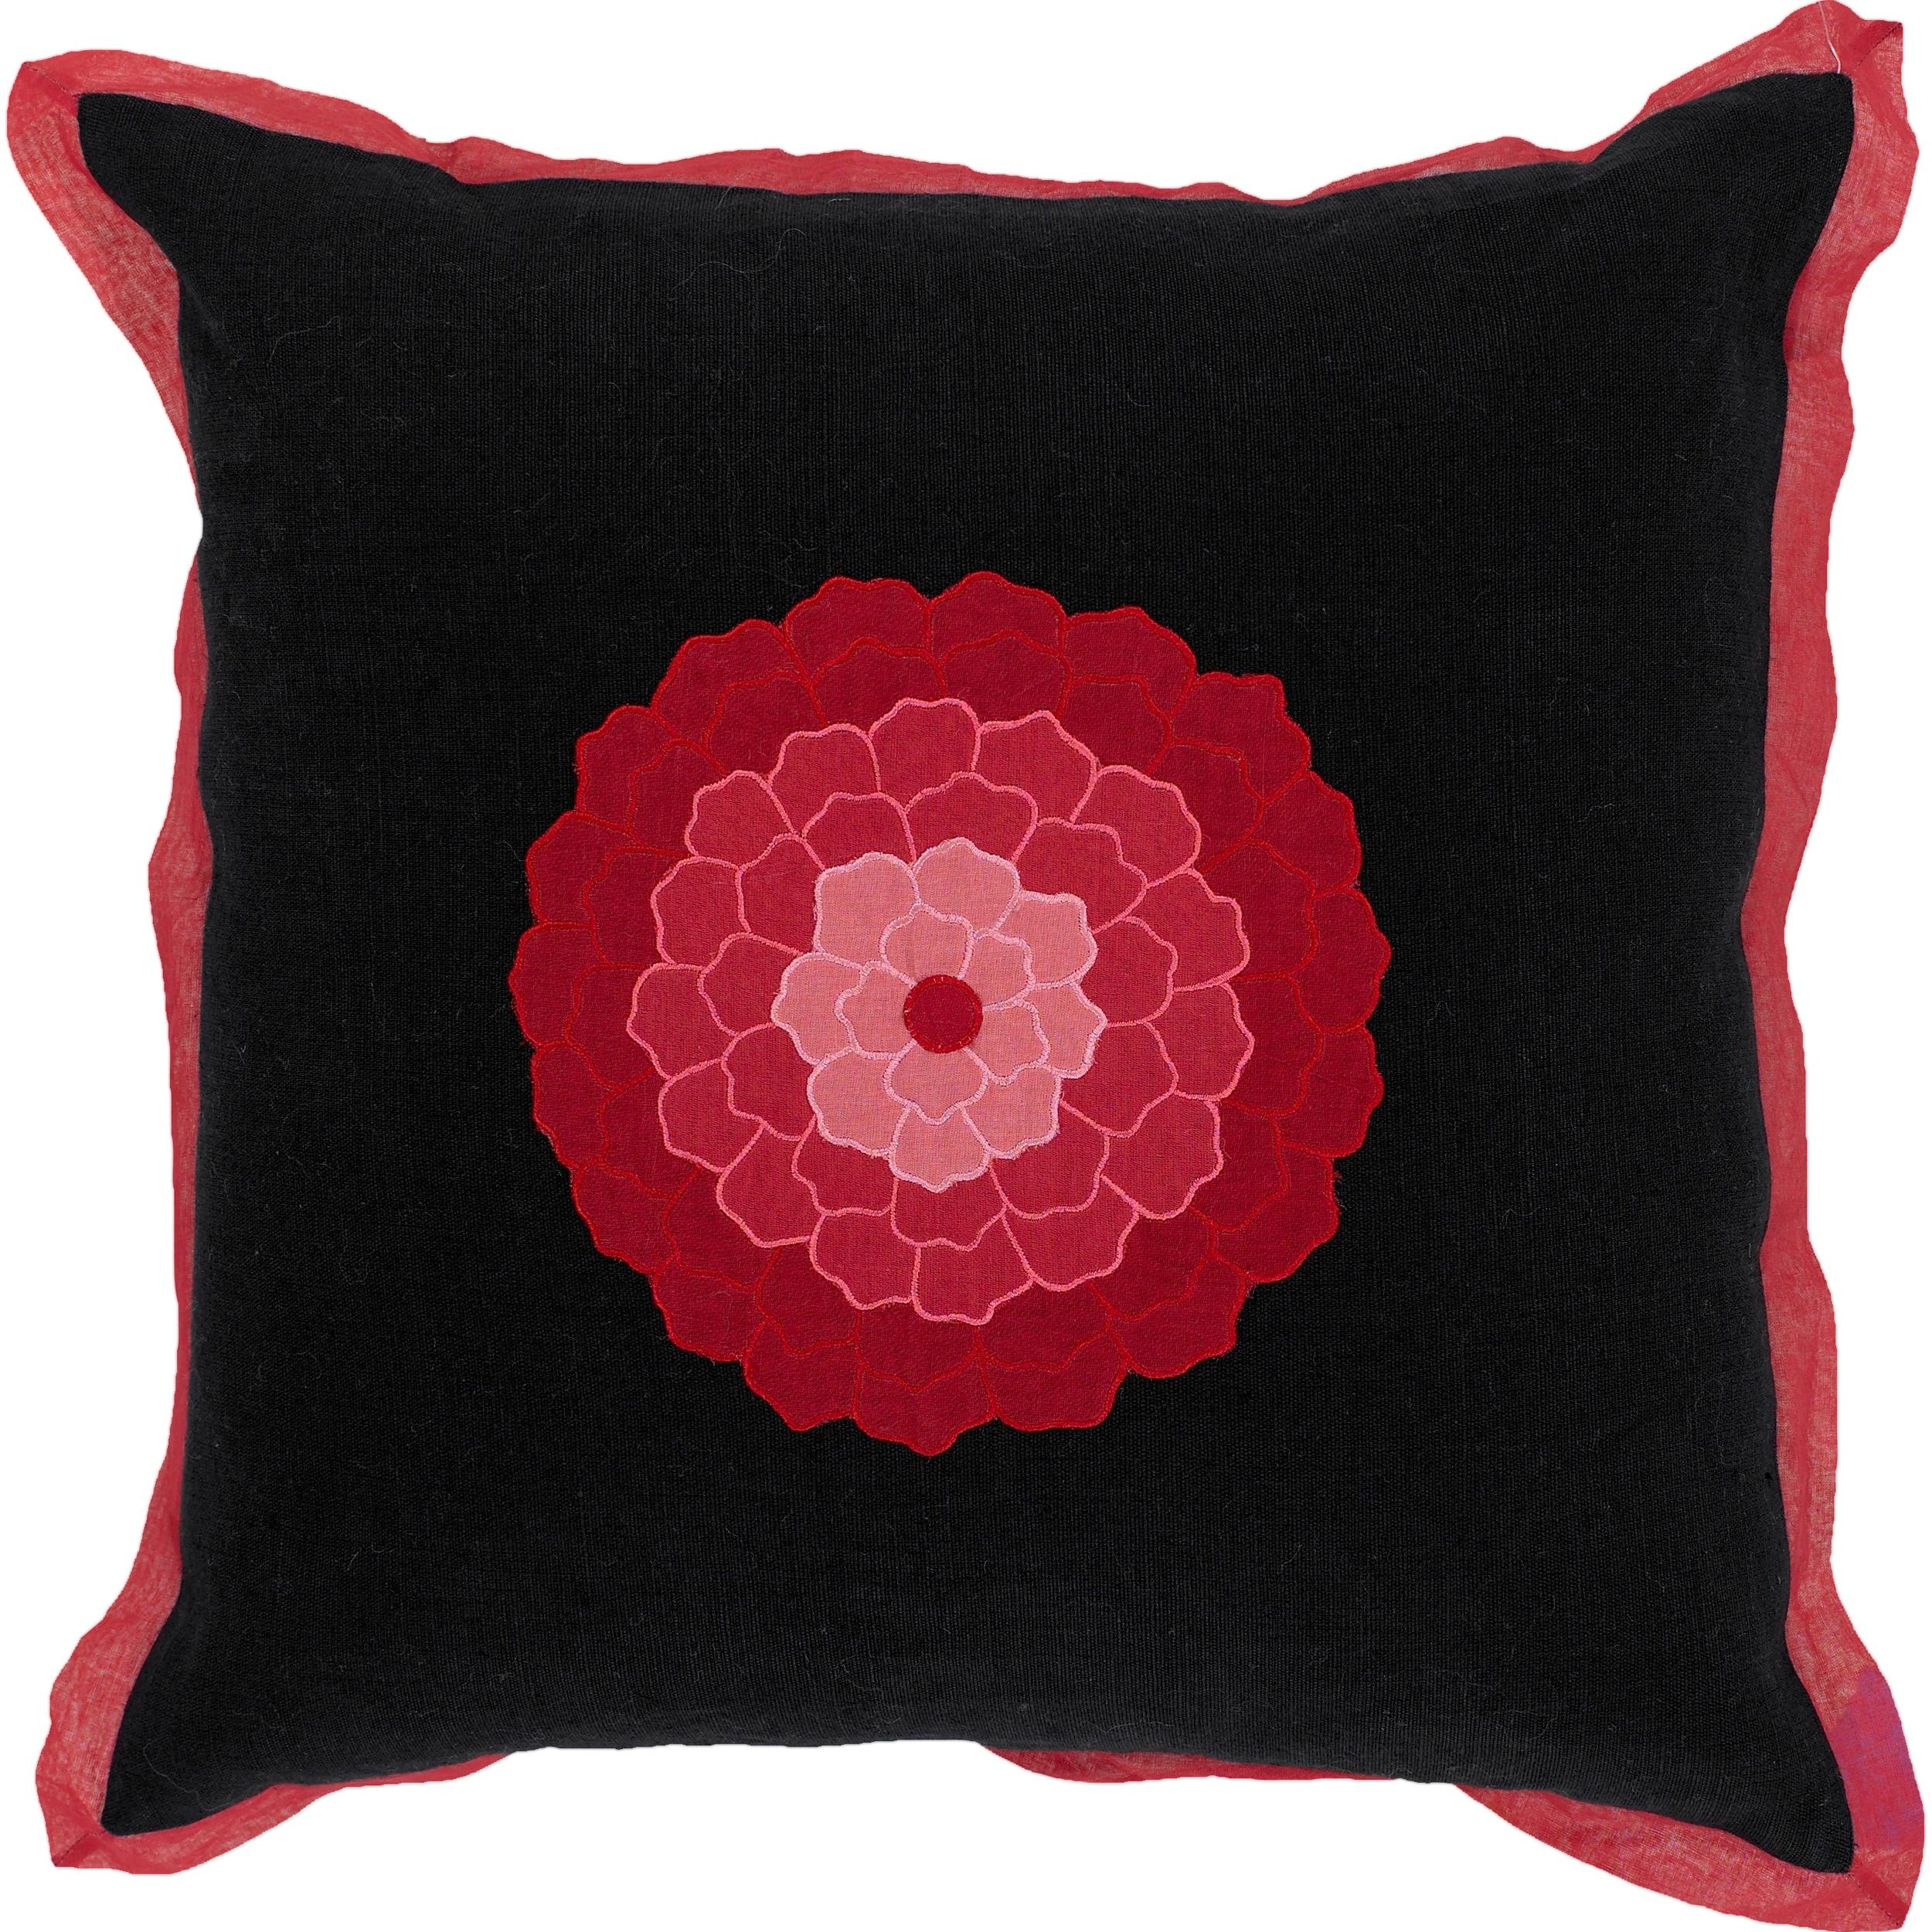 Decorative 18-inch Locarno Pillow